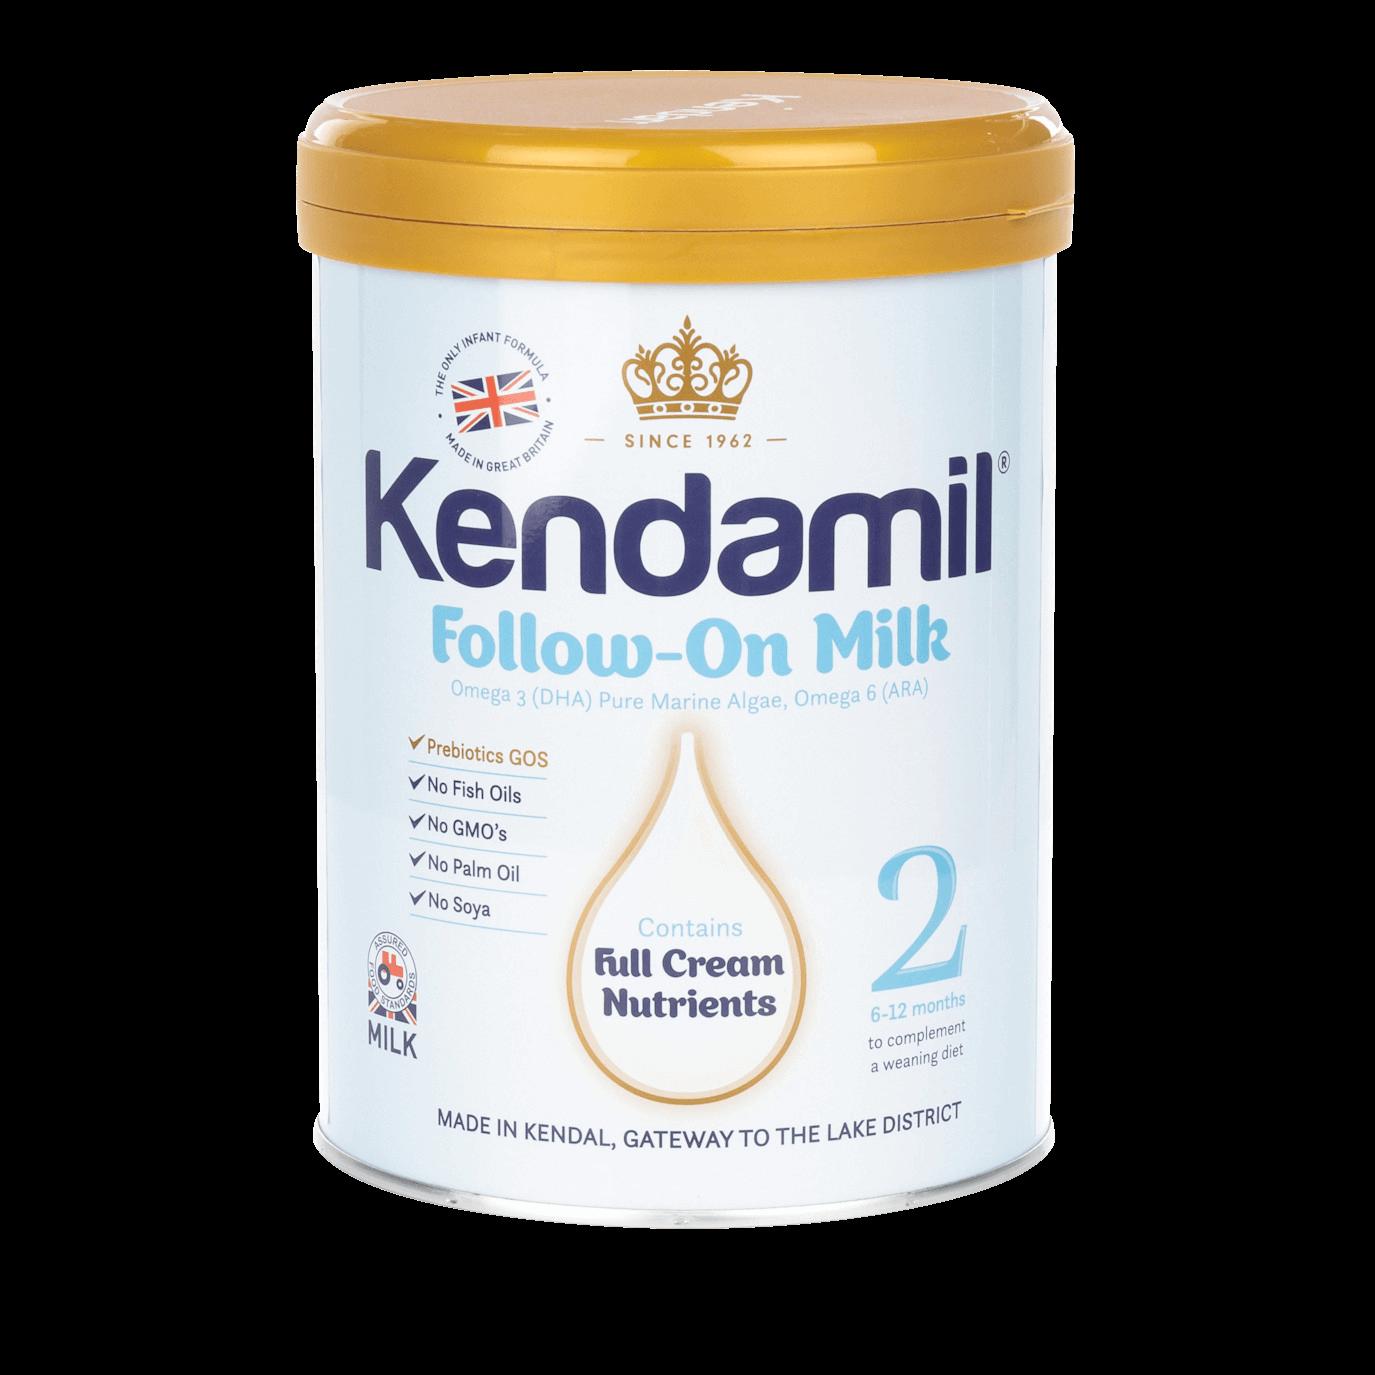 Kendamil mléka